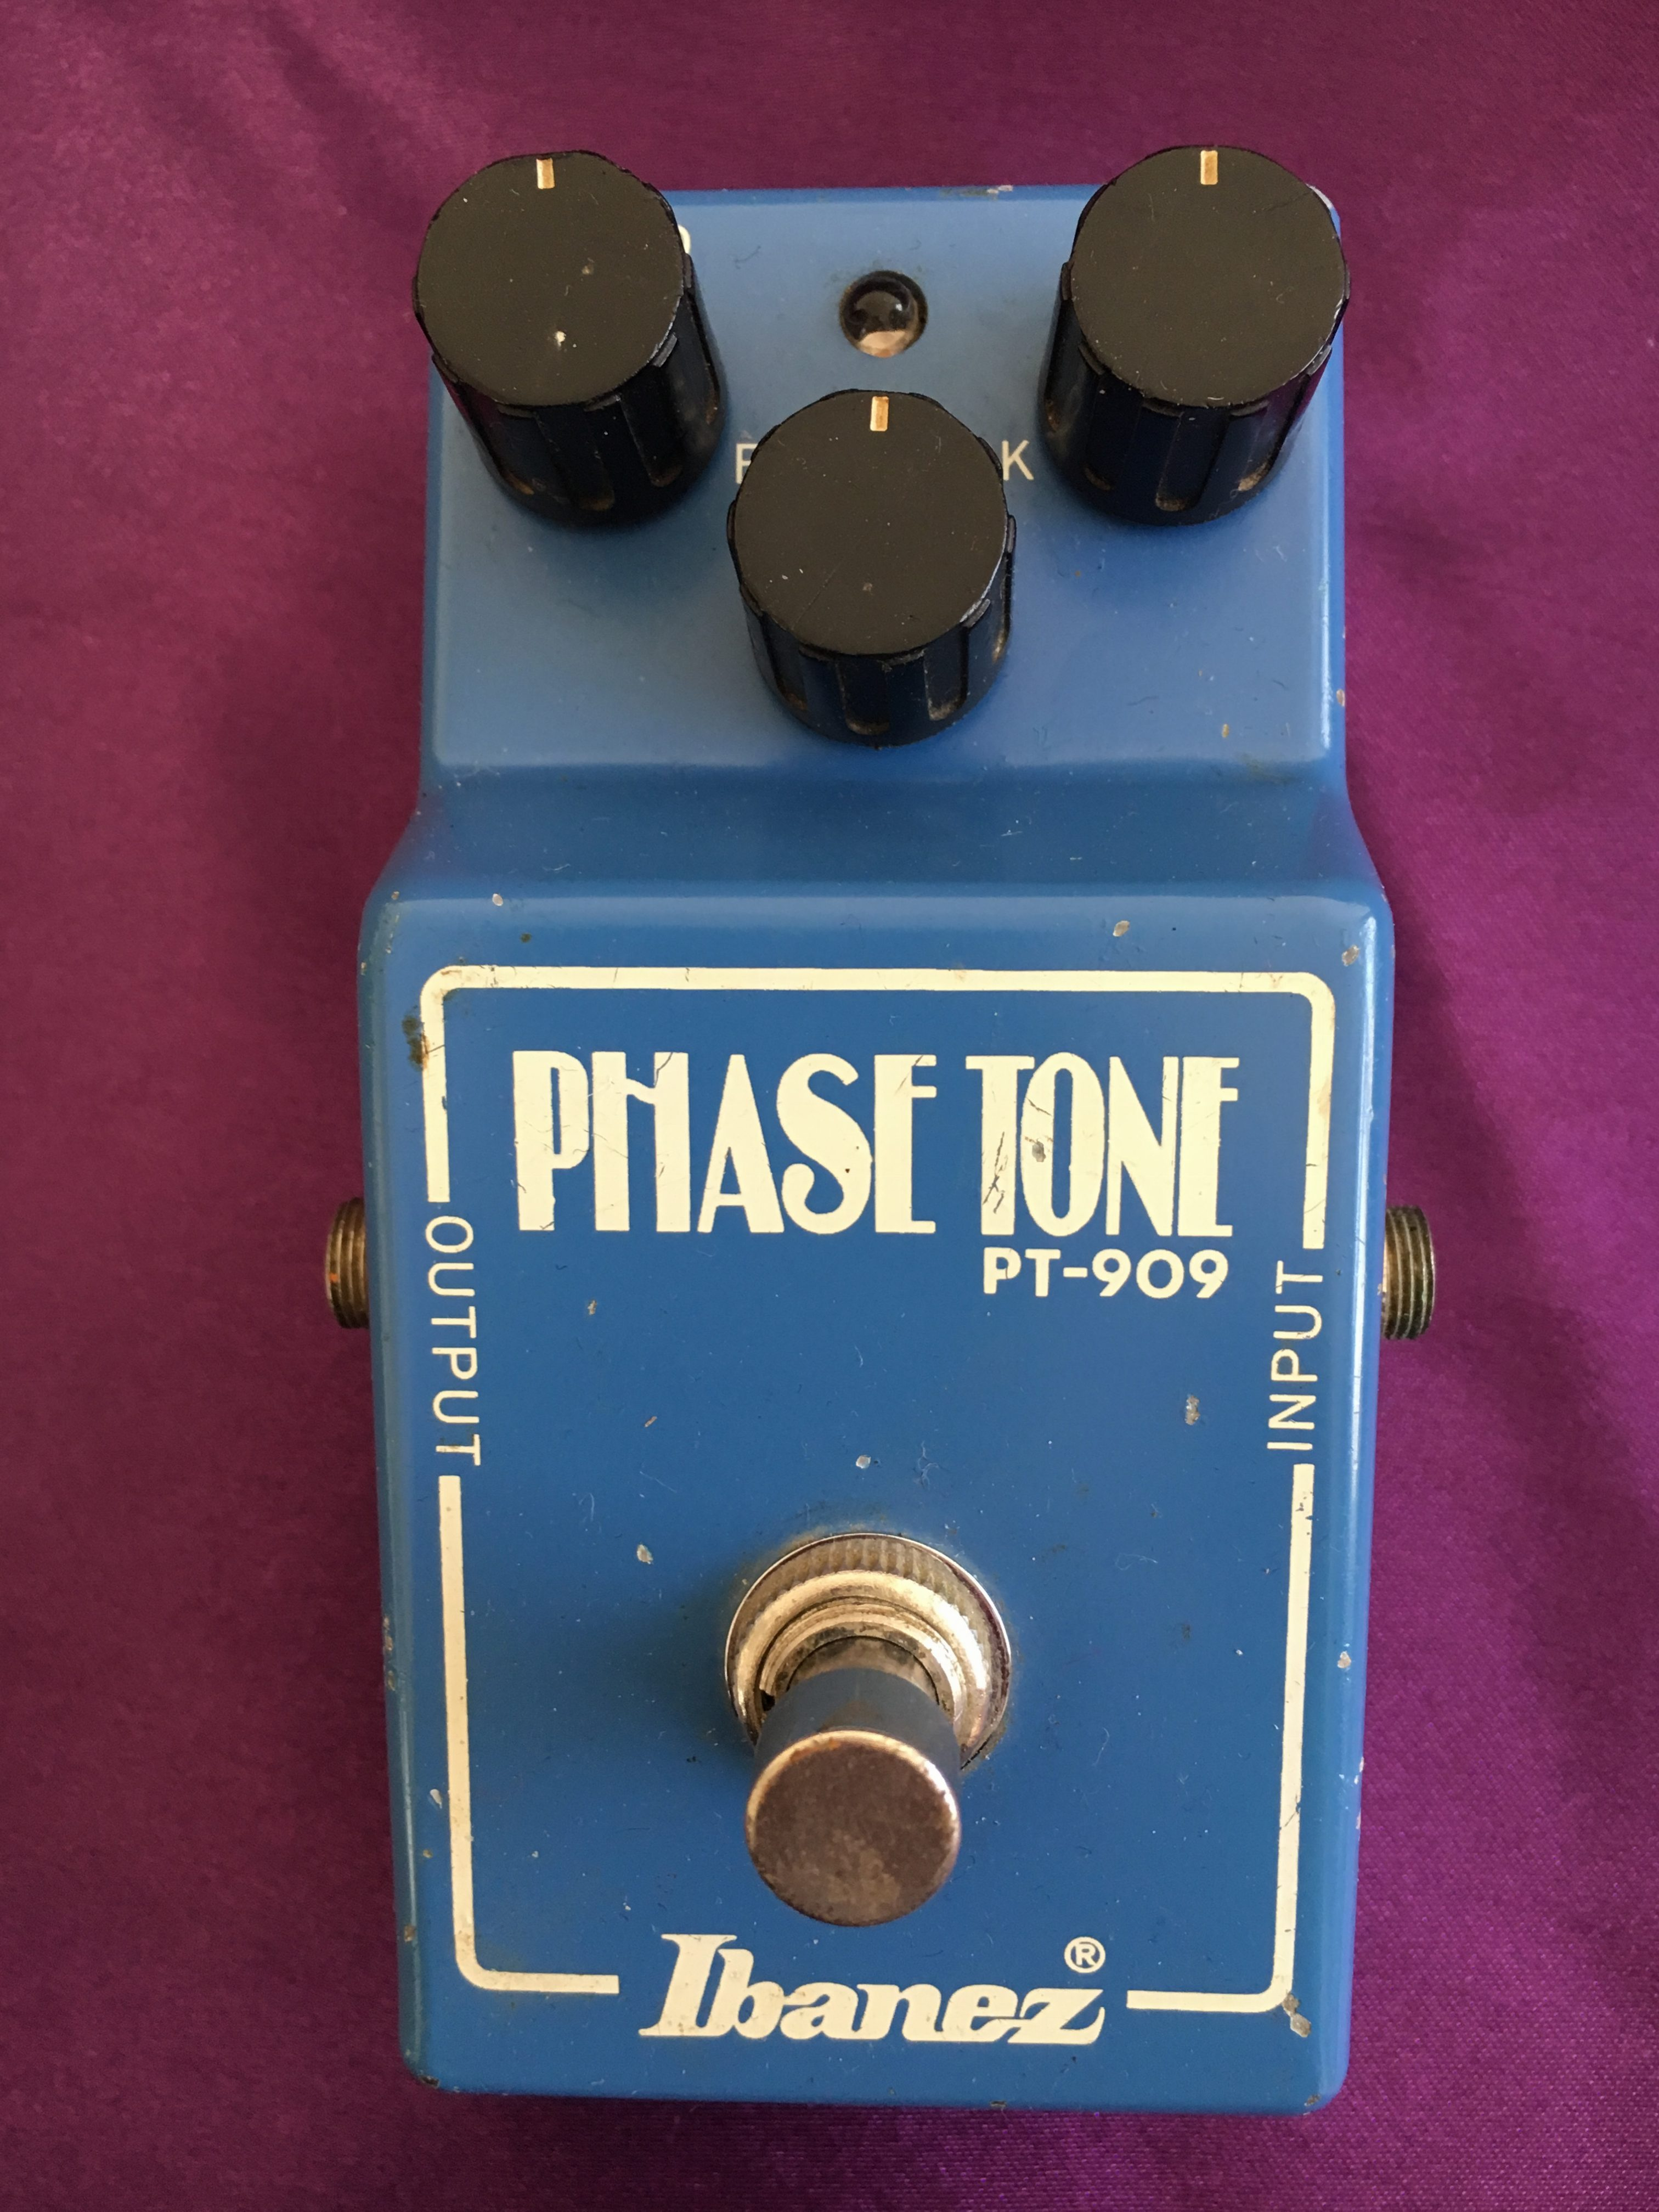 1978 Ibanez PT-909 Phase Tone